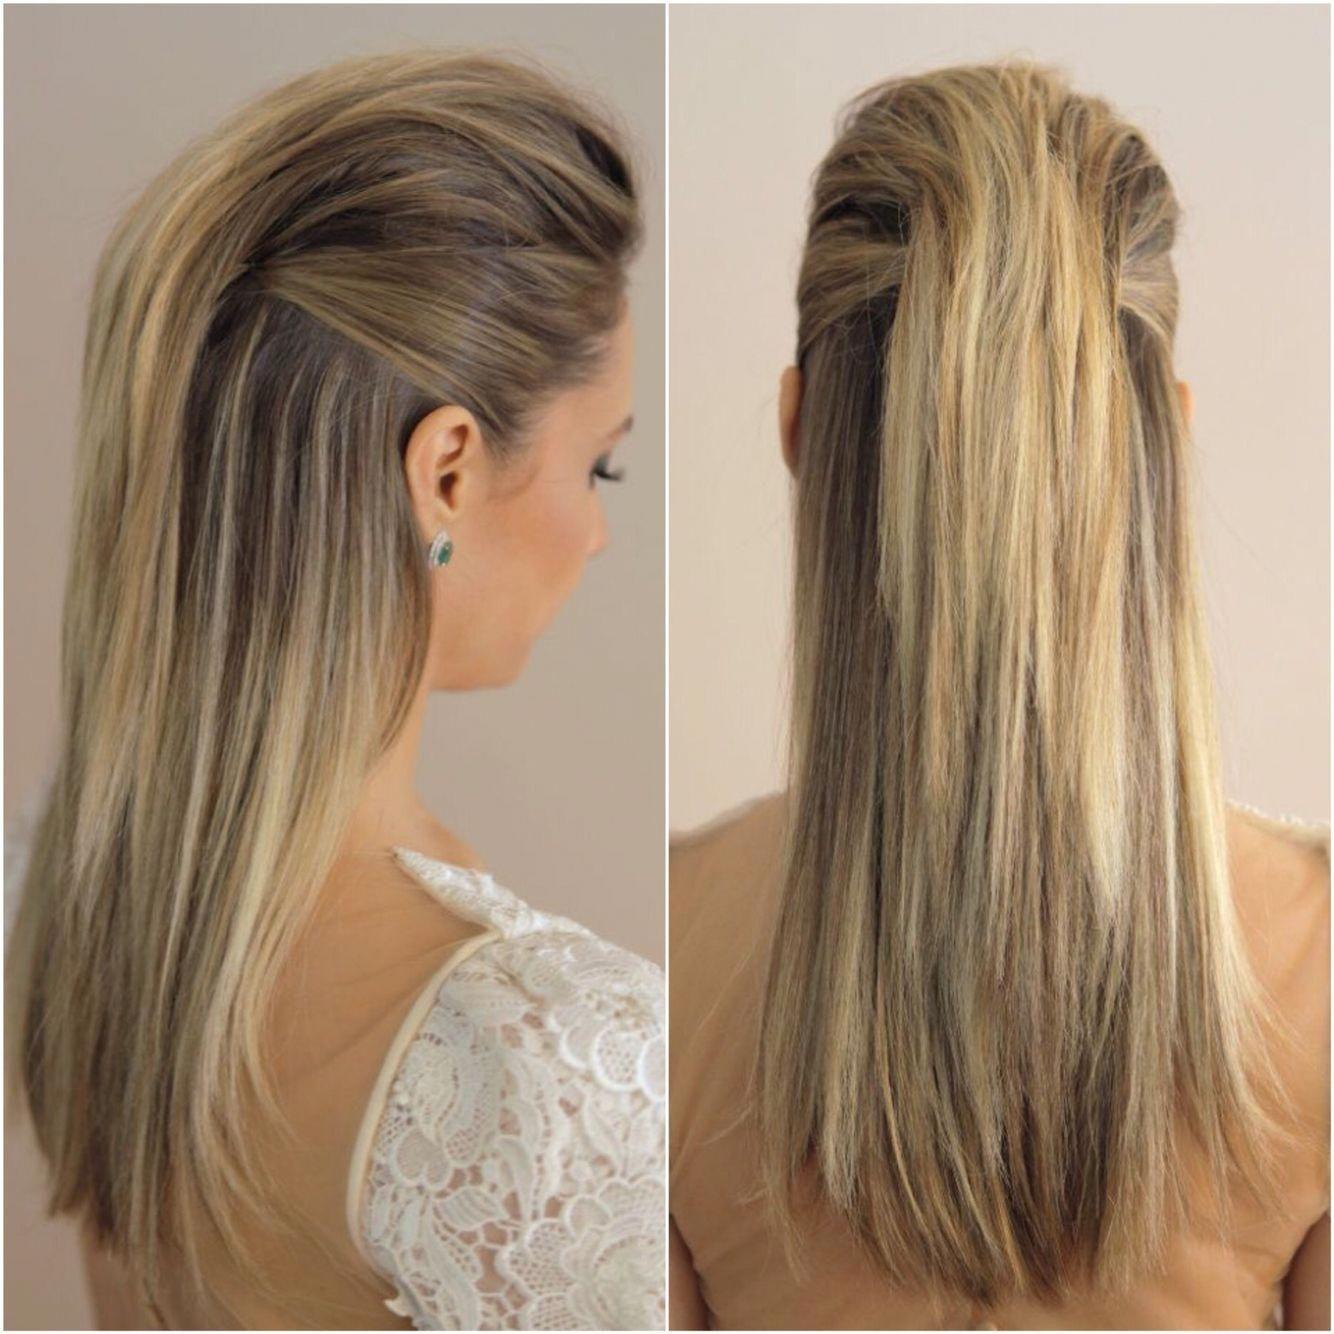 Haircuts For Straight Hair Cute Easy Hairstyles Women Straight Hair 20190613 Straight Hairstyles Sleek Hairstyles Womens Hairstyles